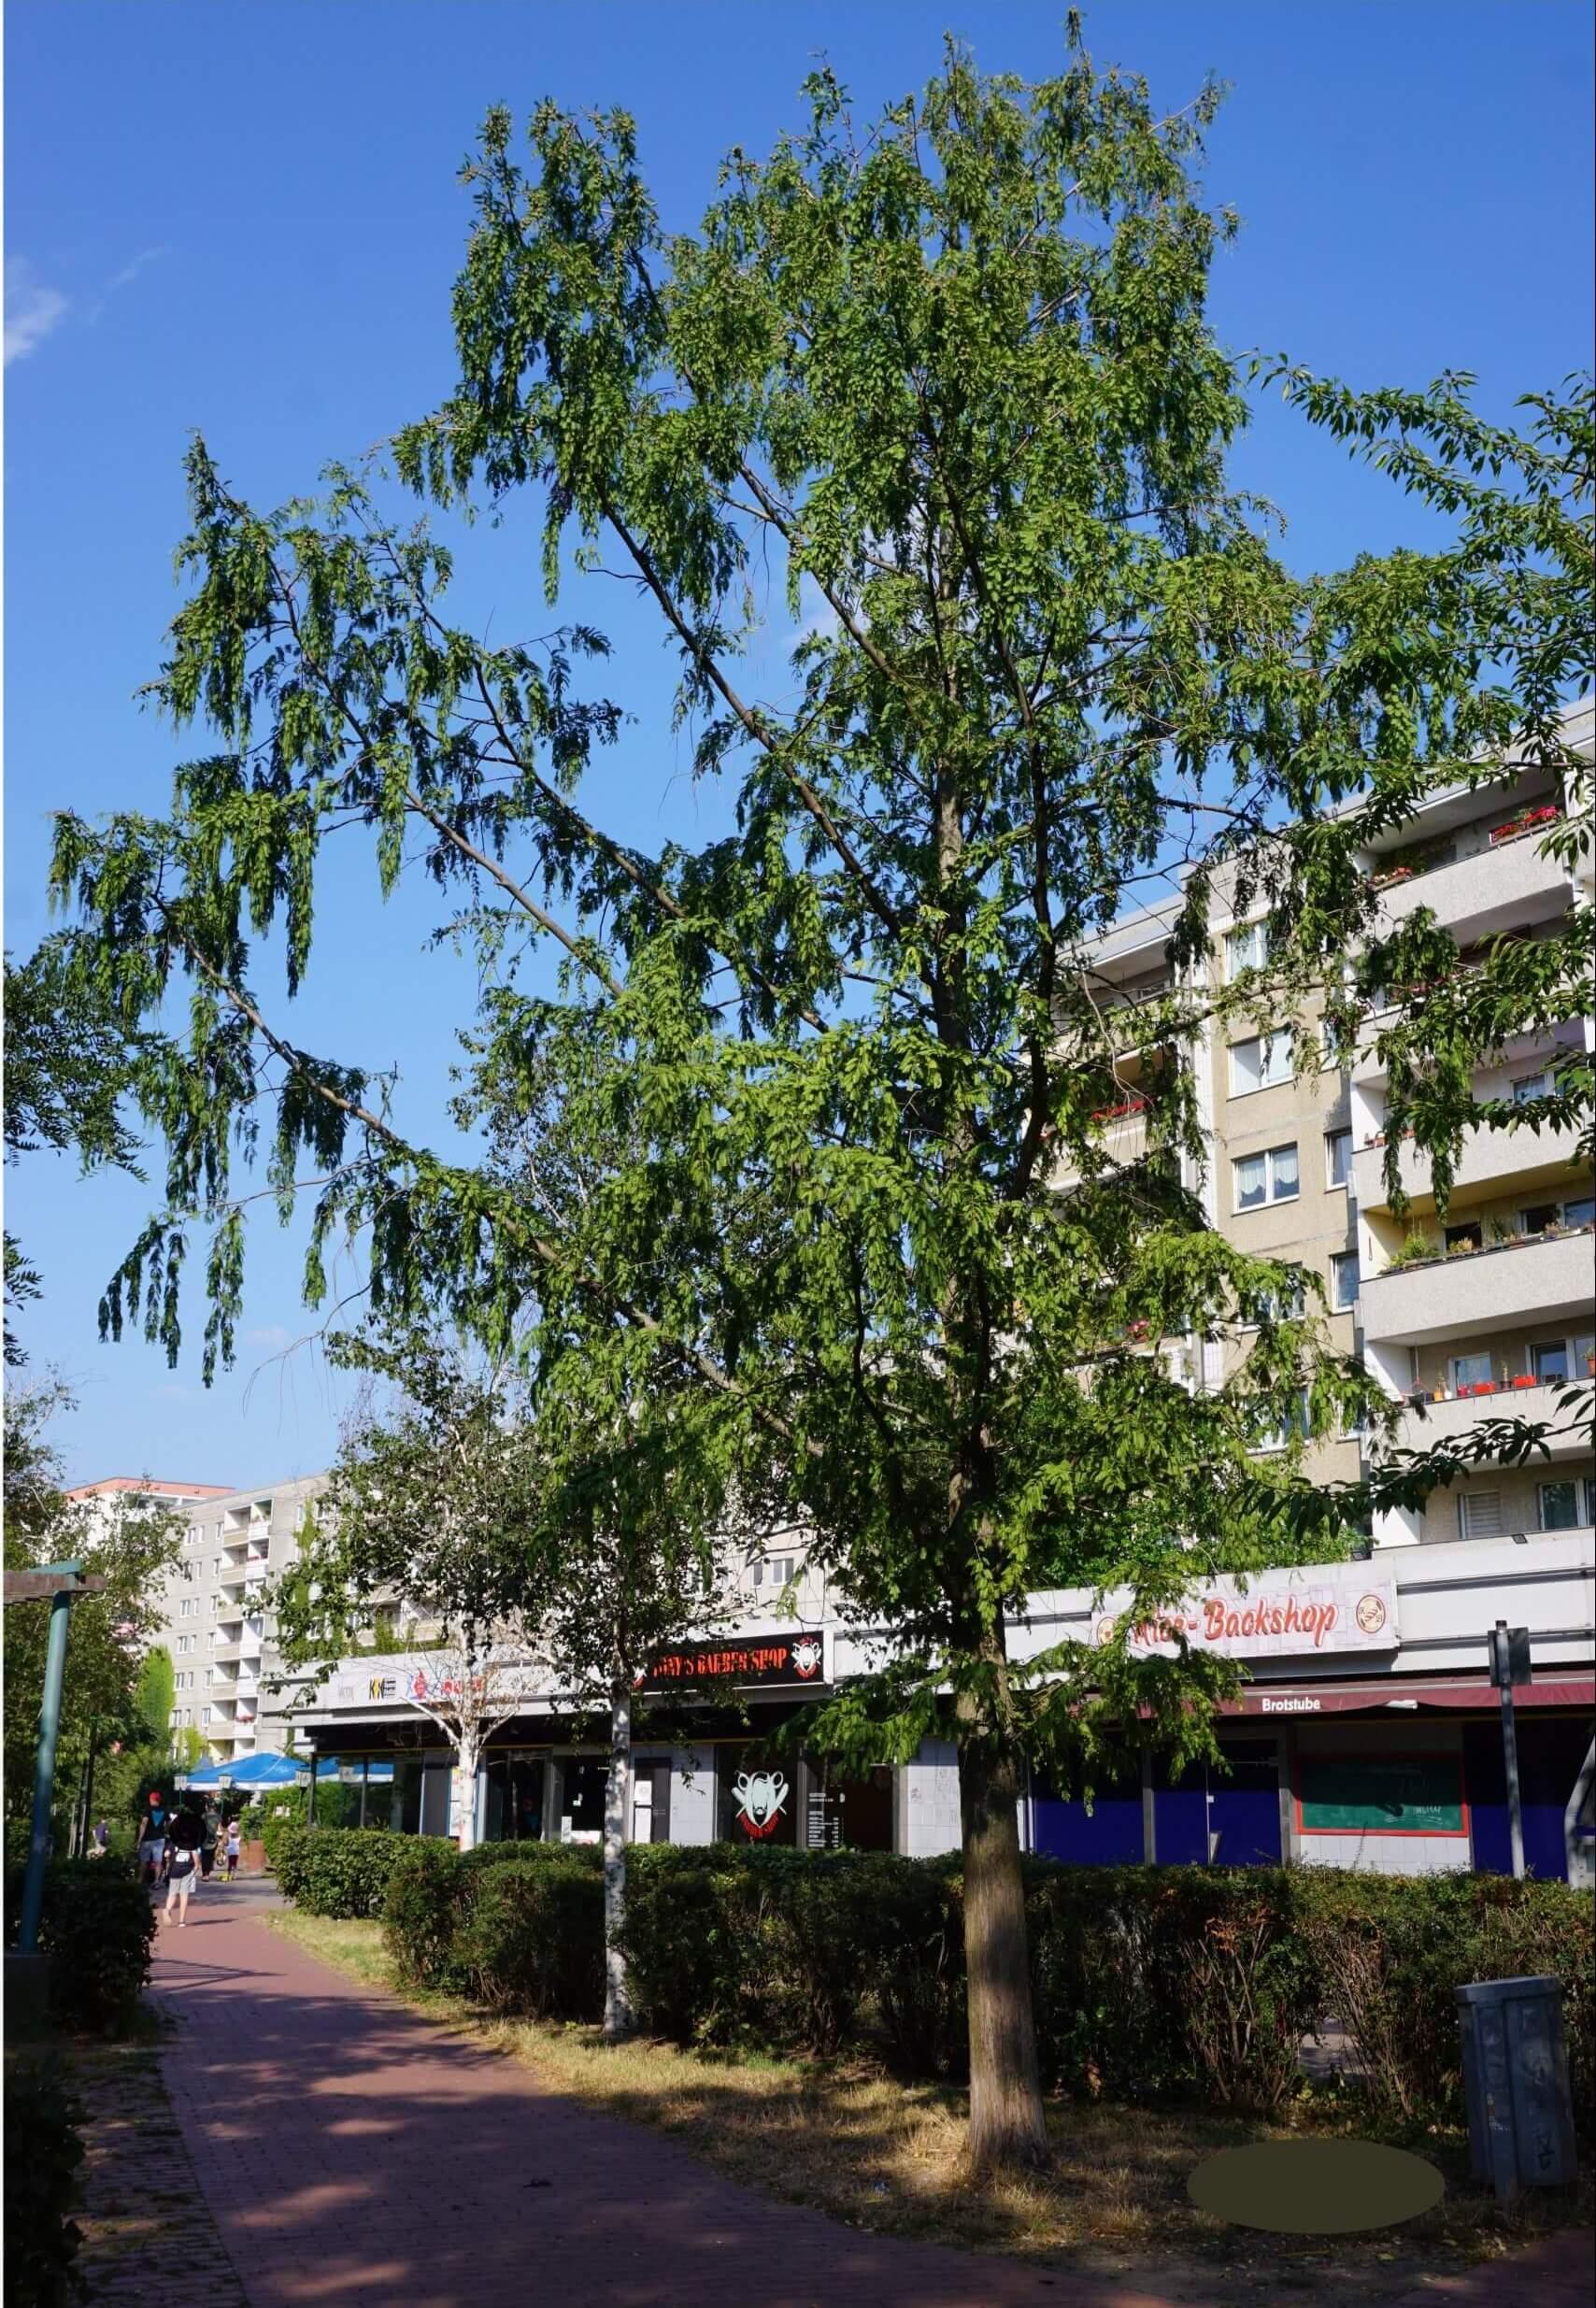 Das Bild zeigt das einzeln stehende Exemplar eines Urweltmammutbaumes am Weg, der zum Kiezladen WaMa, Kosmosviertel, führt.